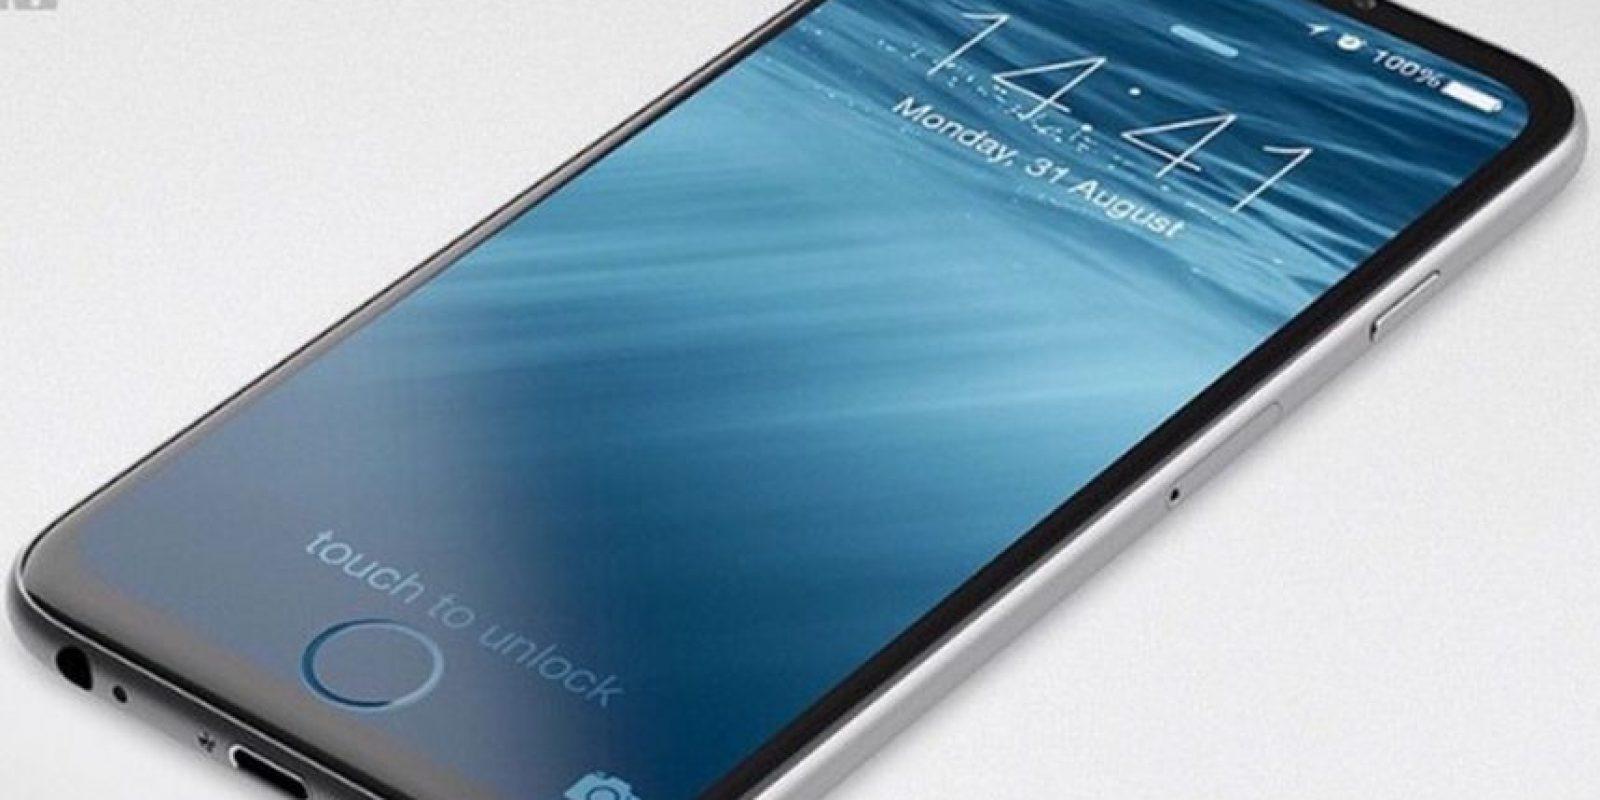 Otros seguidores de la marca imaginan al móvil con una pantalla más amplia e incluso sin botón de inicio Foto:Tumblr